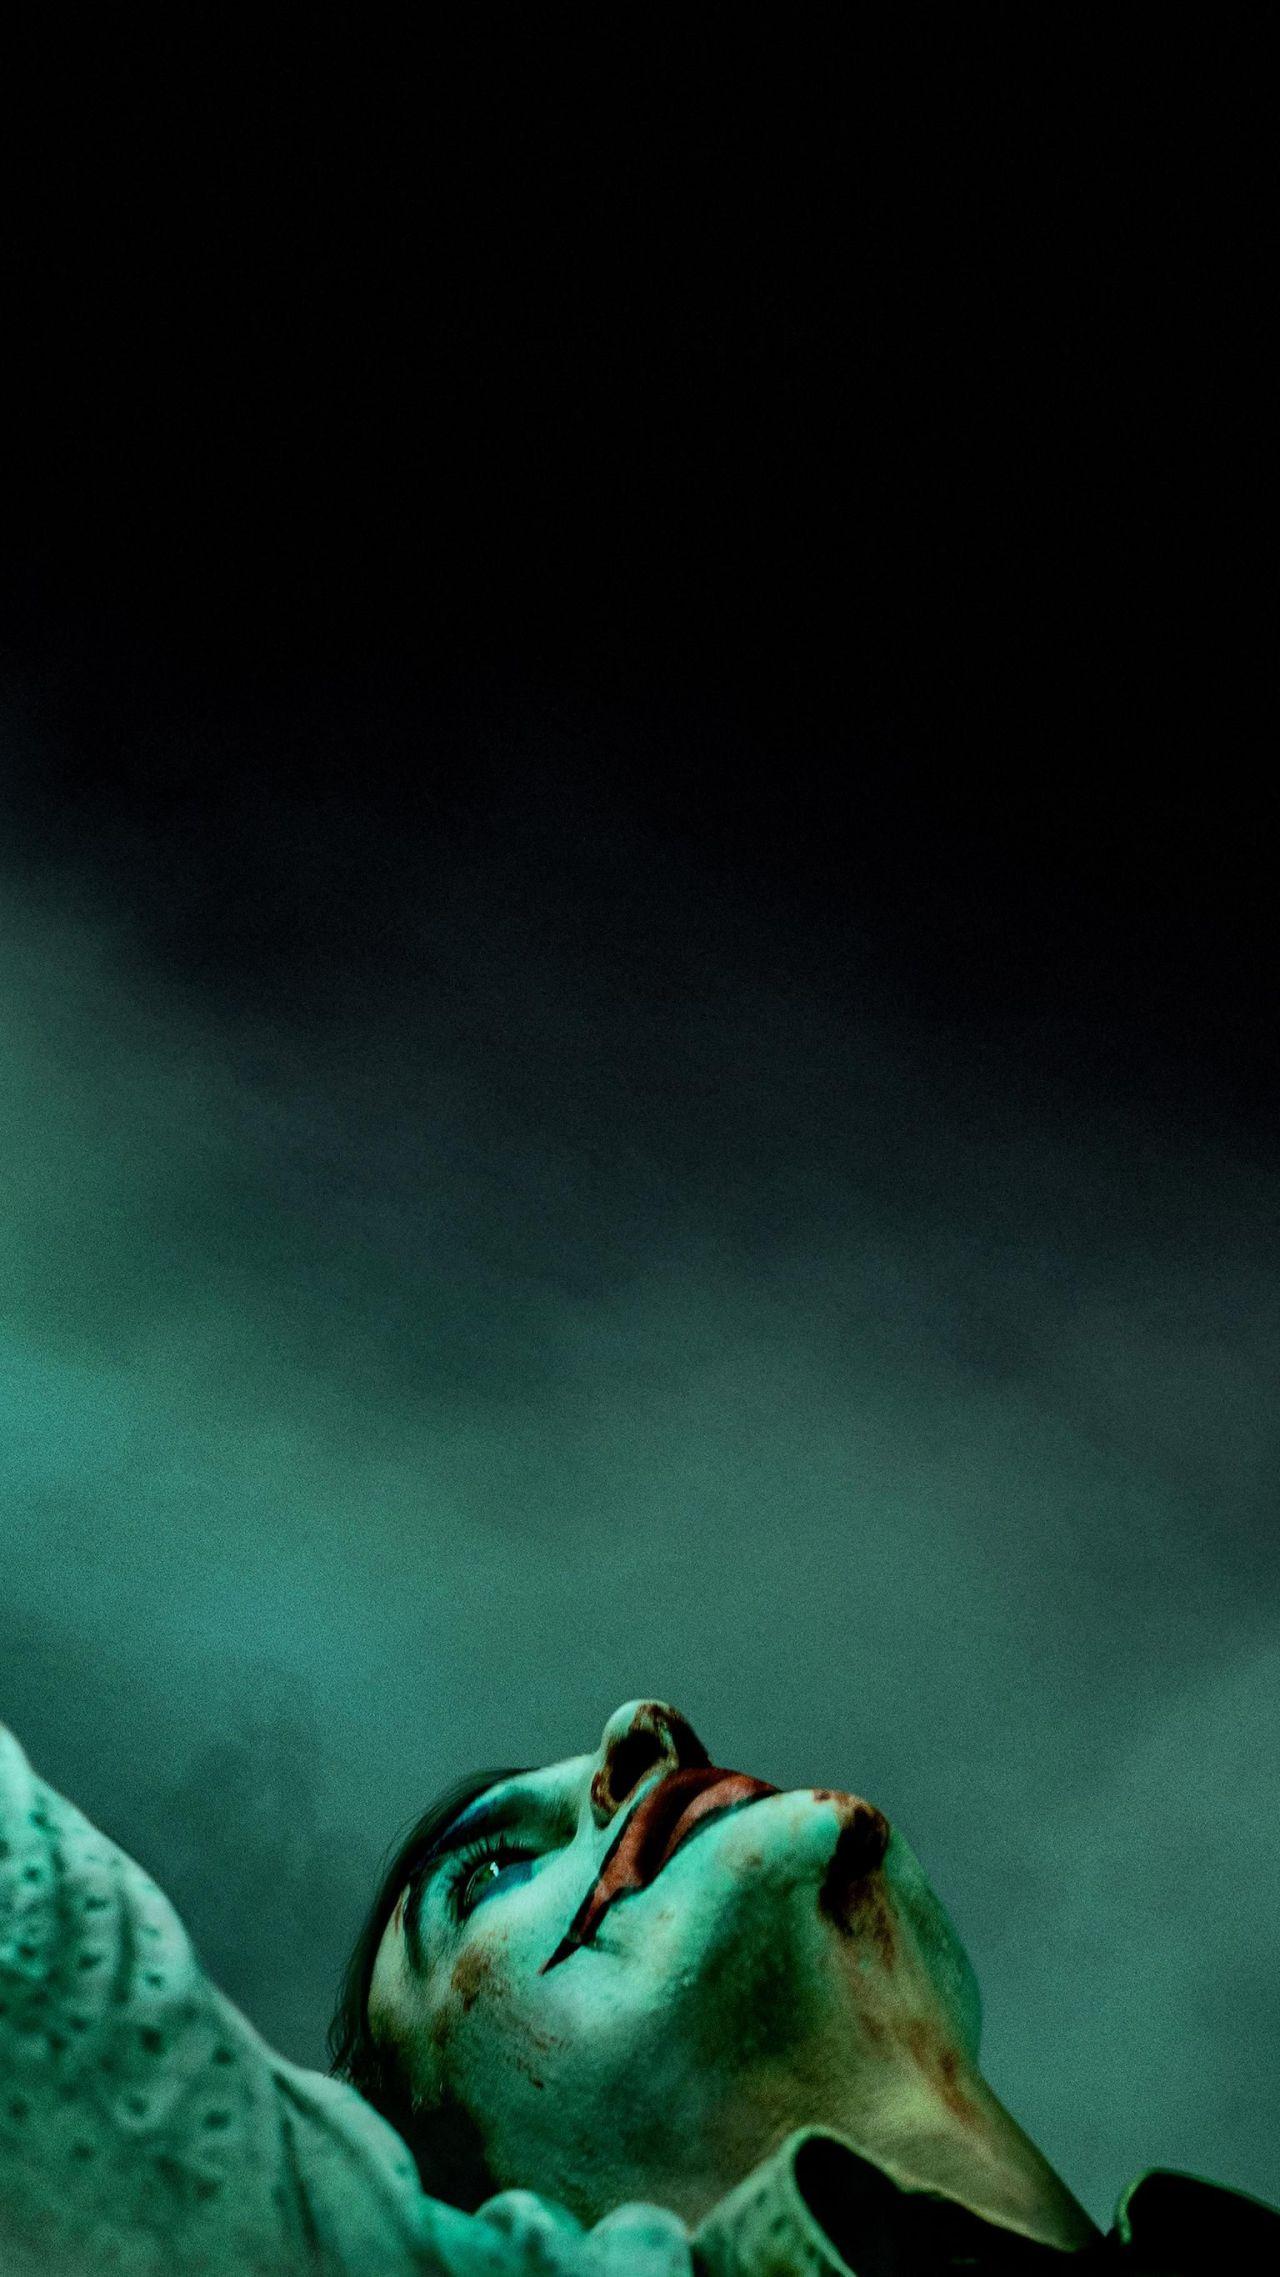 Joker karakterine ait duvar kağıtları! - Page 3